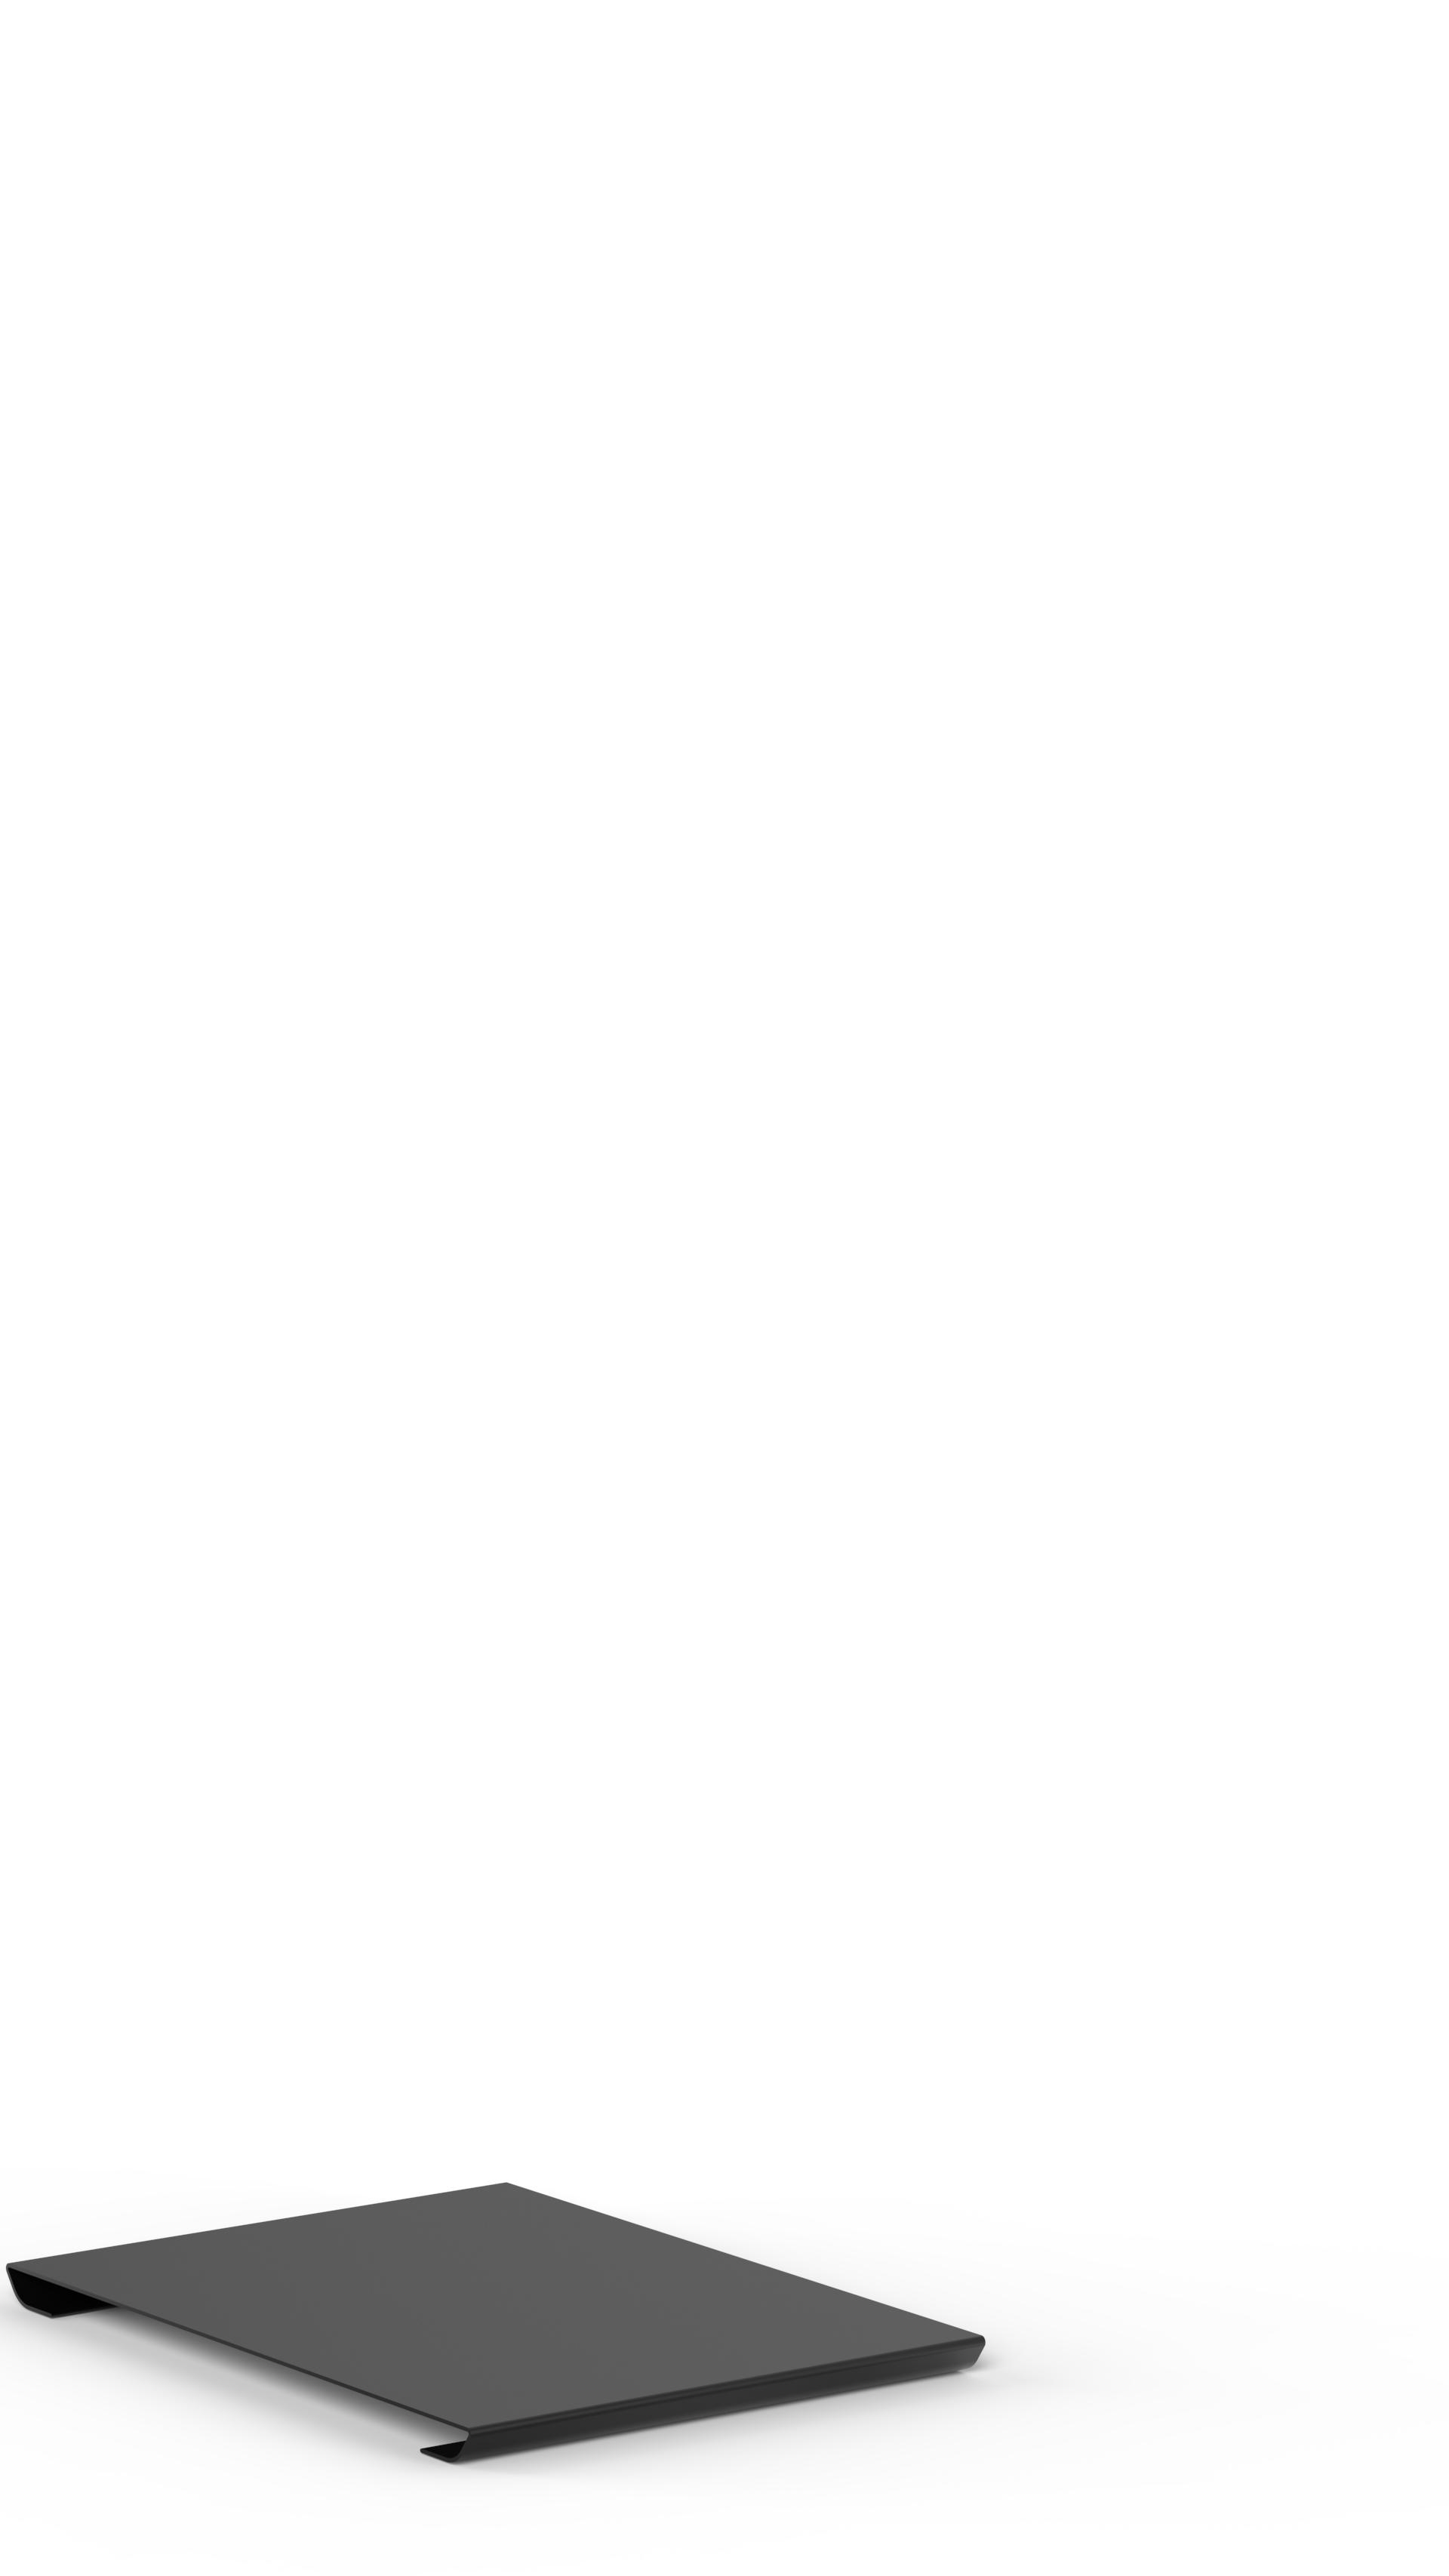 aeroPL40x30x2x2 Présentoir plateau de présentation SAINT-HONORÉ PARIS